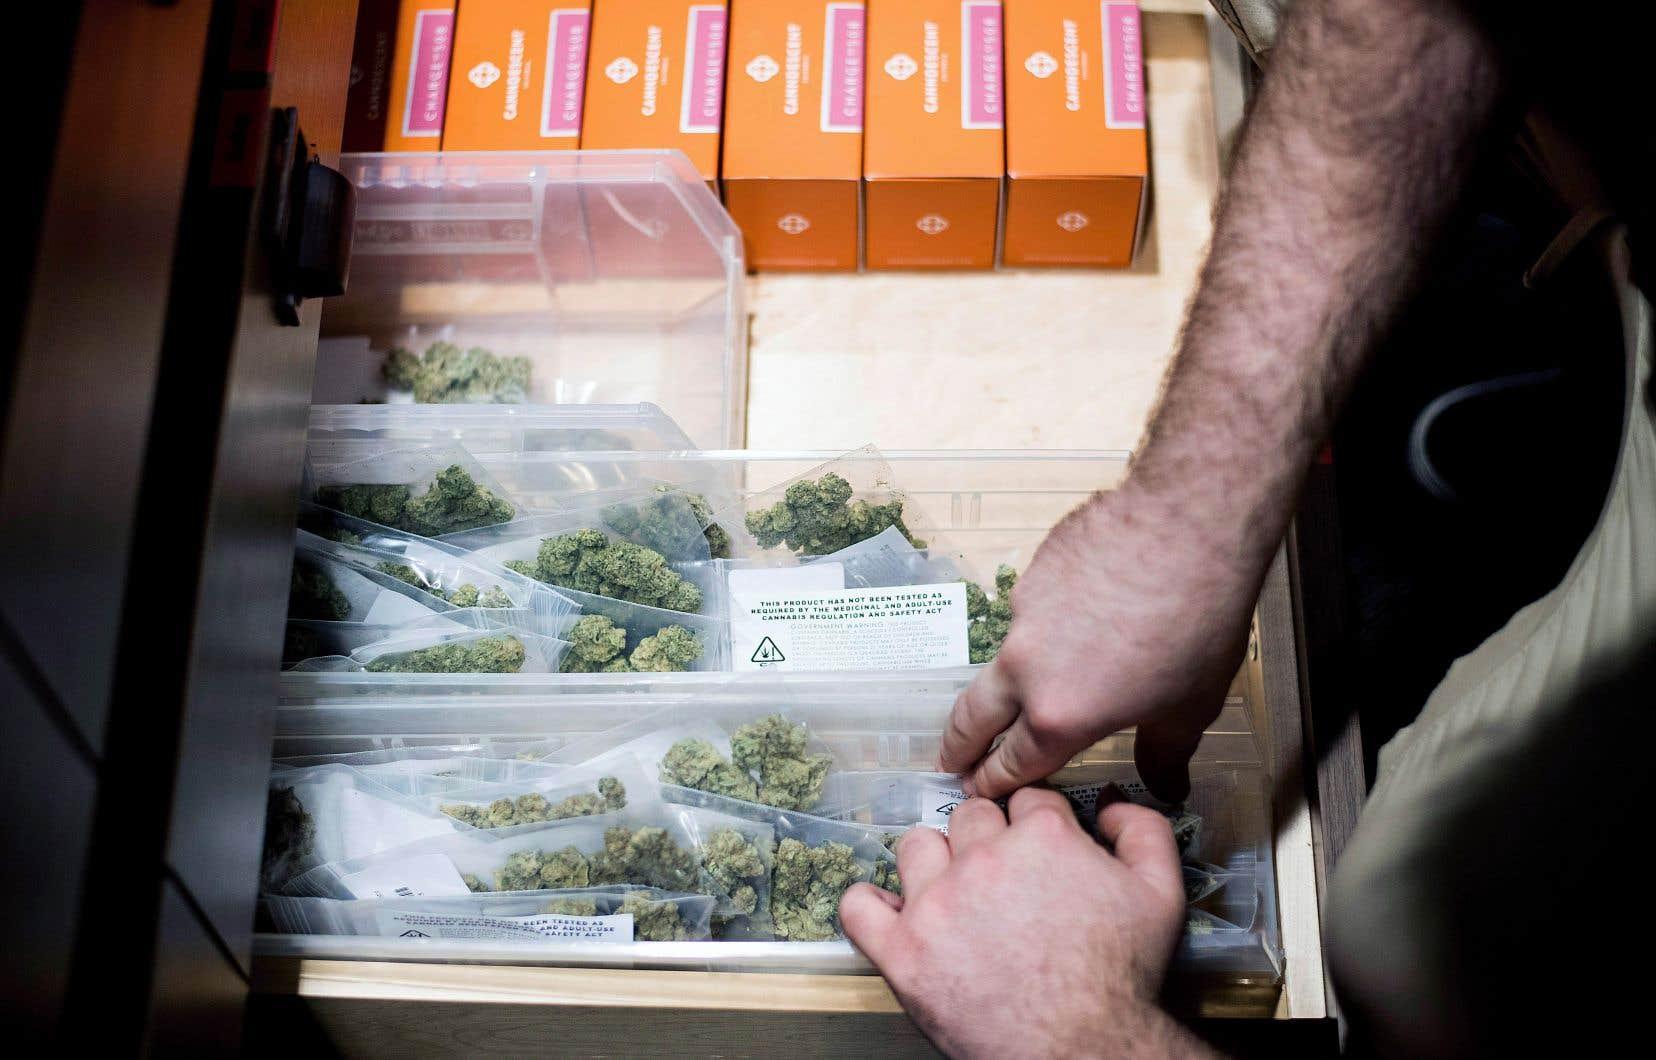 Devant la légalisation du cannabis et la croissance de son usage annoncées, le monde du travail est concerné au premier chef.